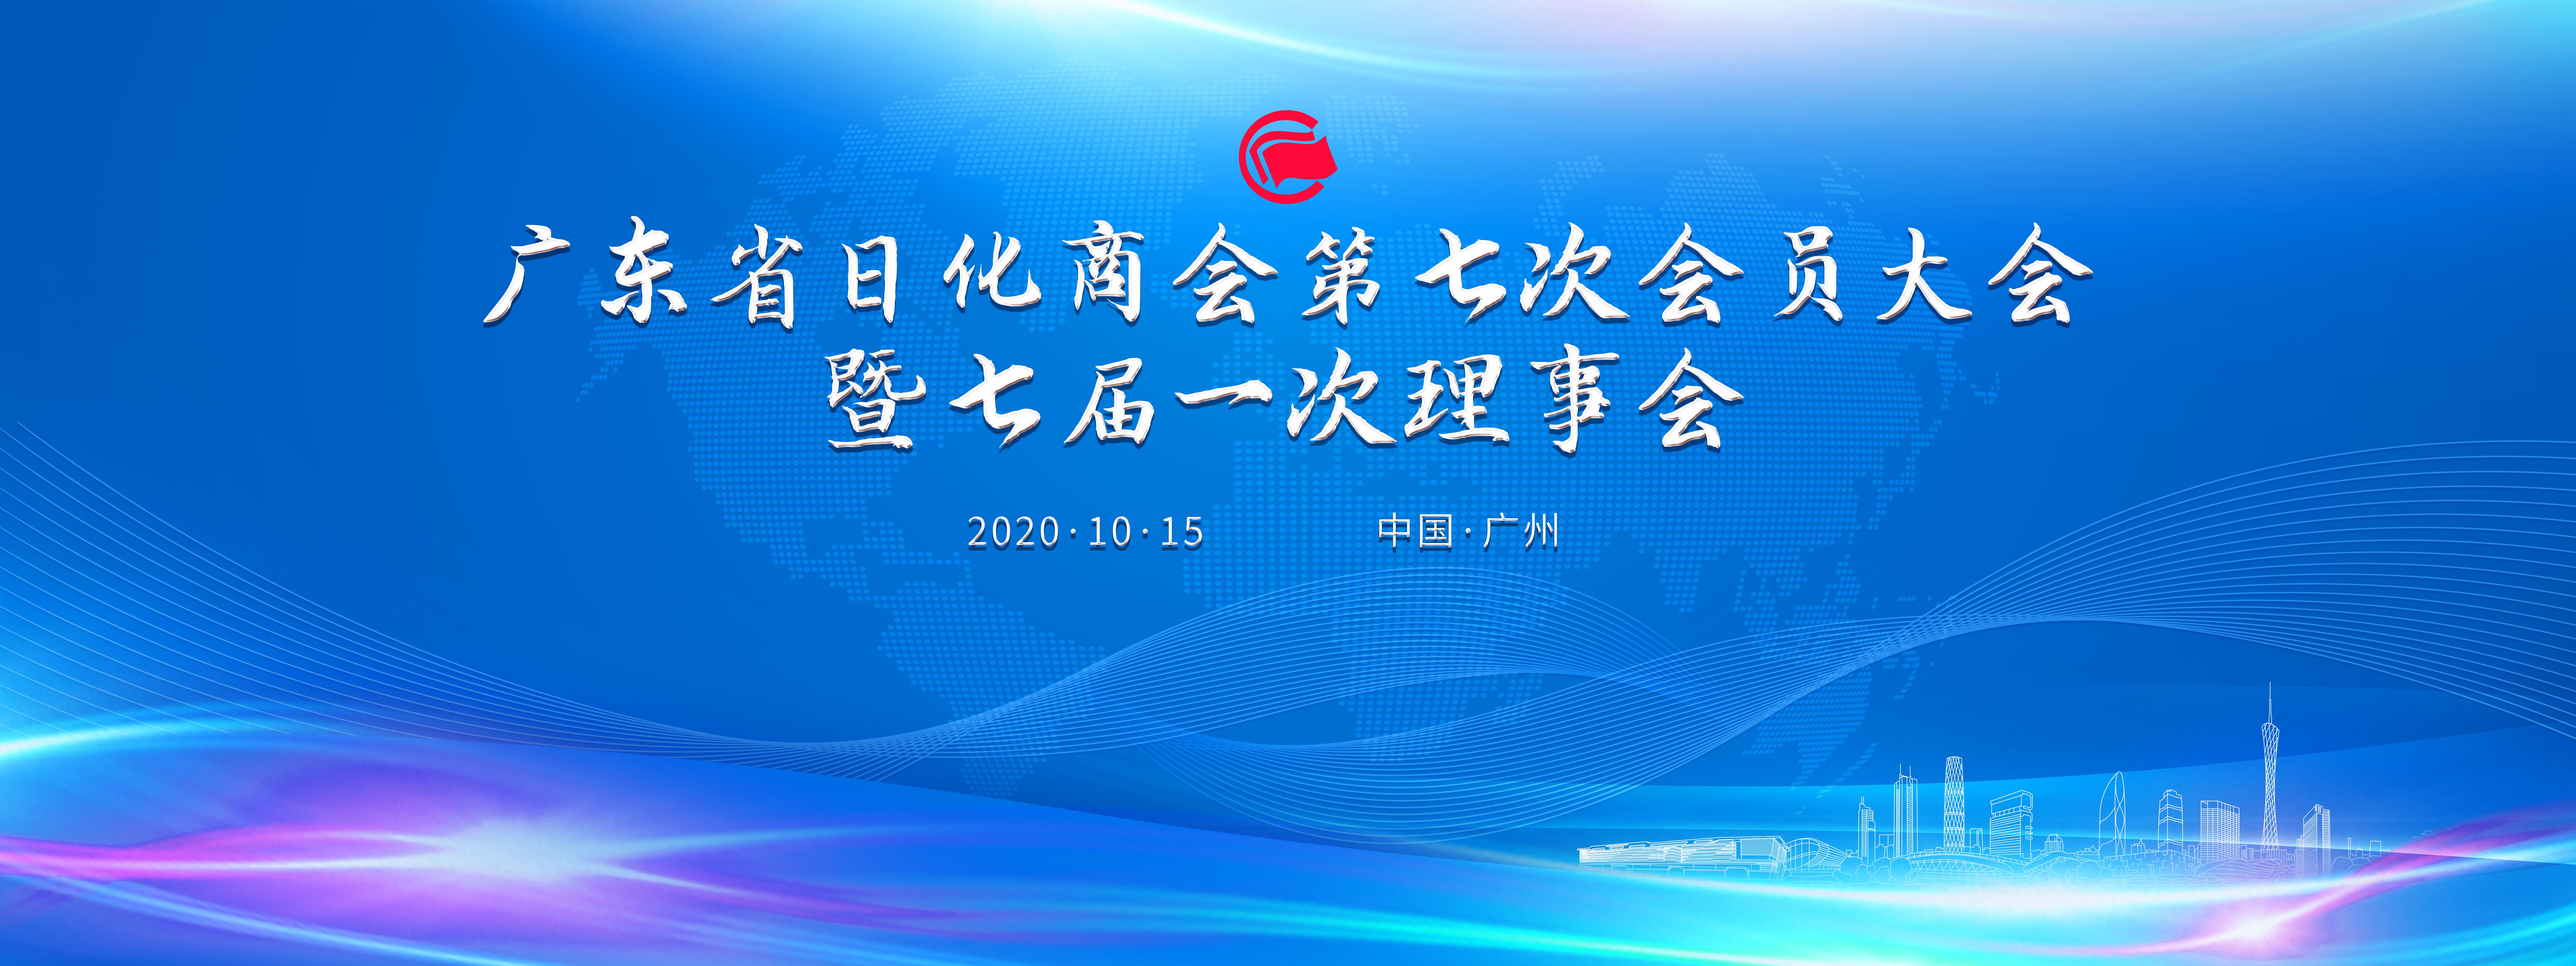 广东省竞技宝官网商会第七次会员大会暨七届一次理事会在广州顺利召开